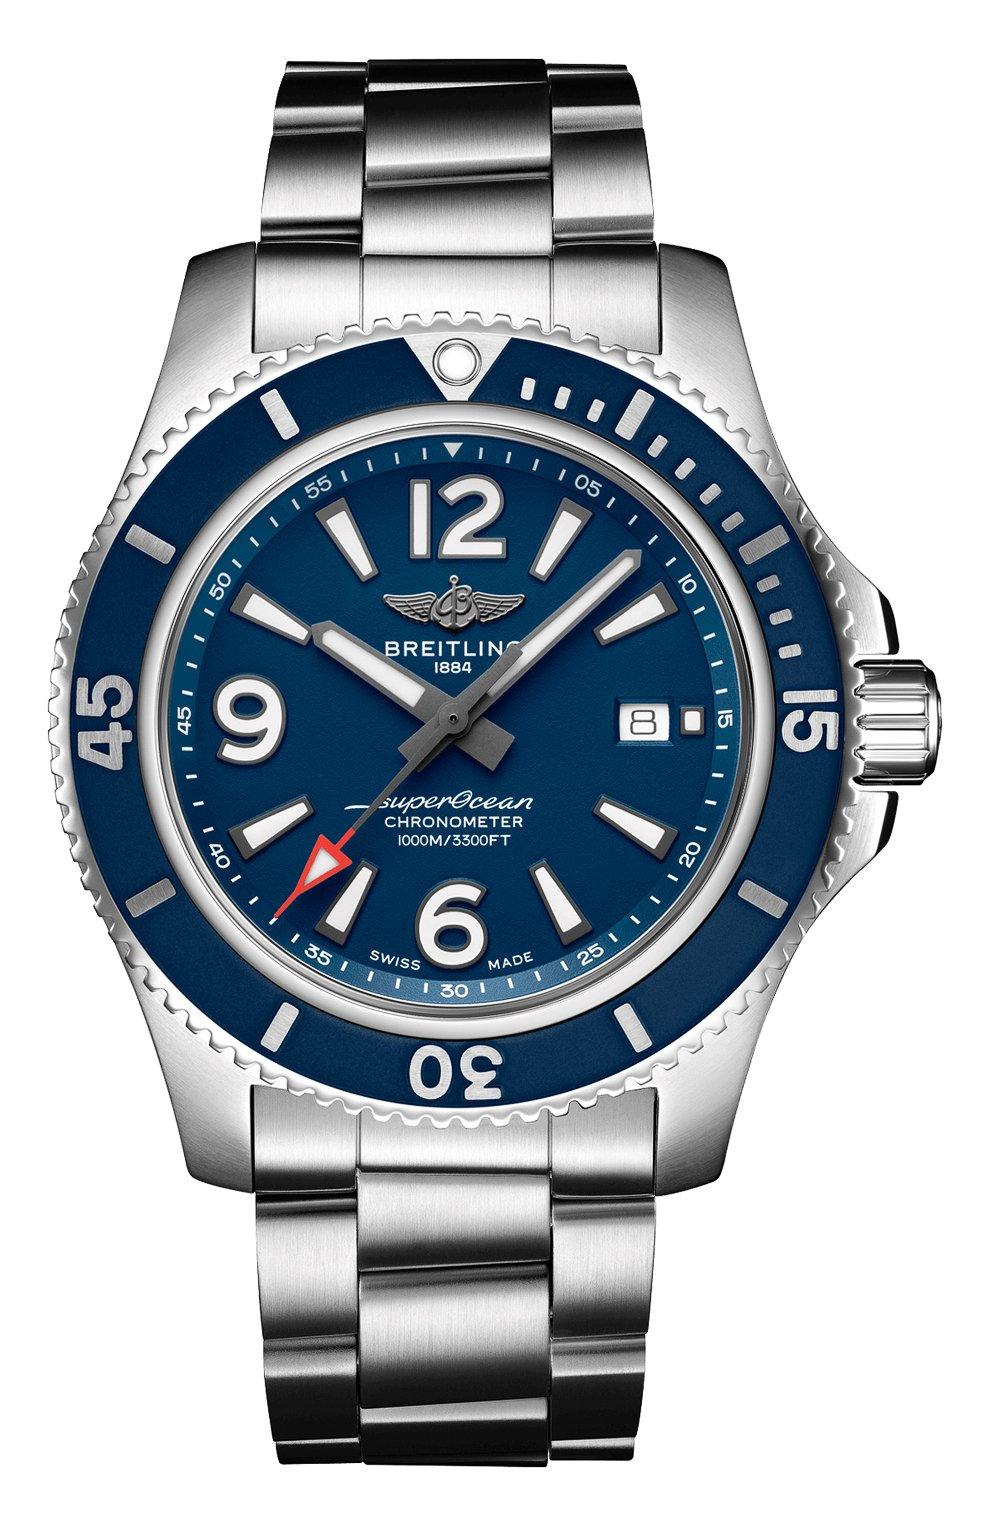 Мужские часы superocean automatic 44 BREITLING бесцветного цвета, арт. A17367D81C1A1   Фото 1 (Механизм: Автомат; Материал корпуса: Сталь; Цвет циферблата: Синий)